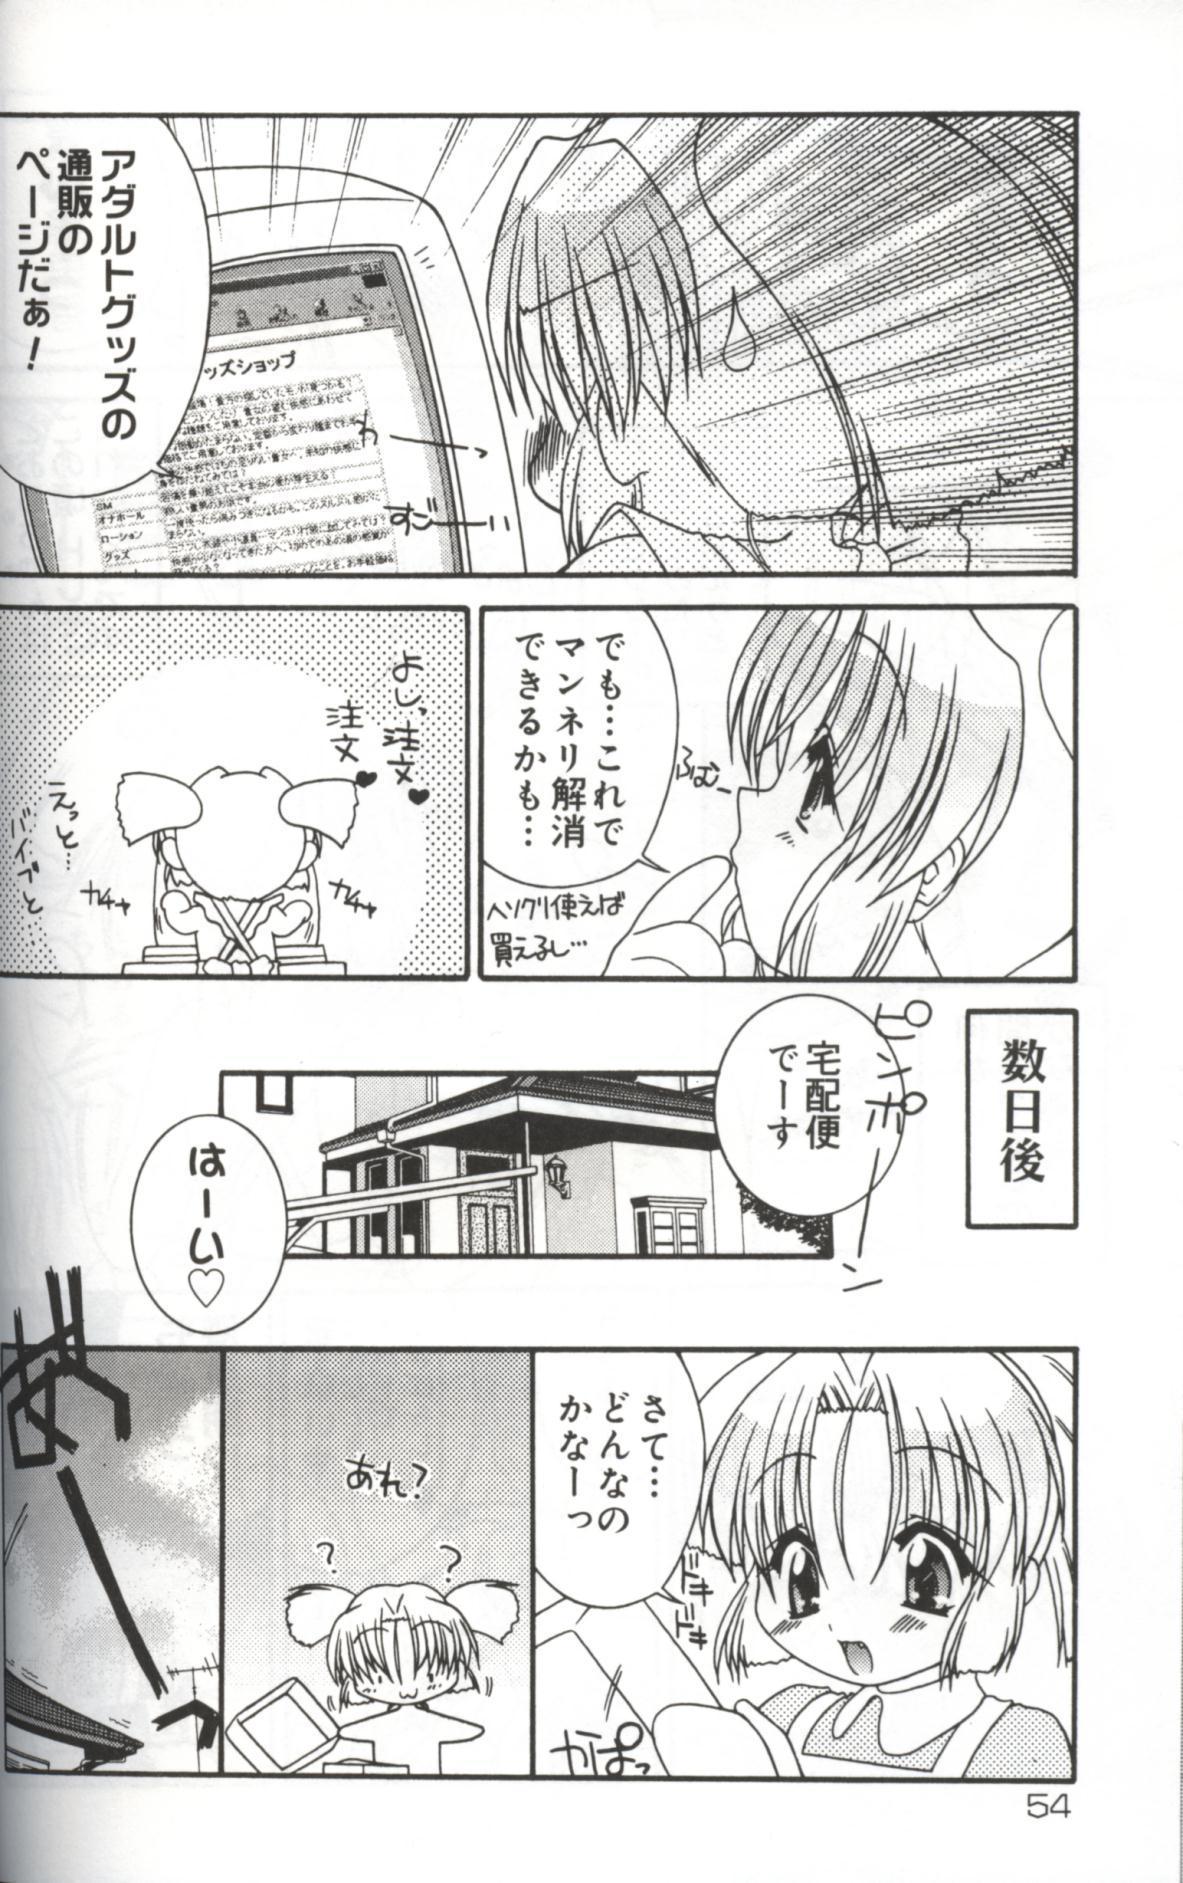 Hatsujou ♡ Oneesama 55